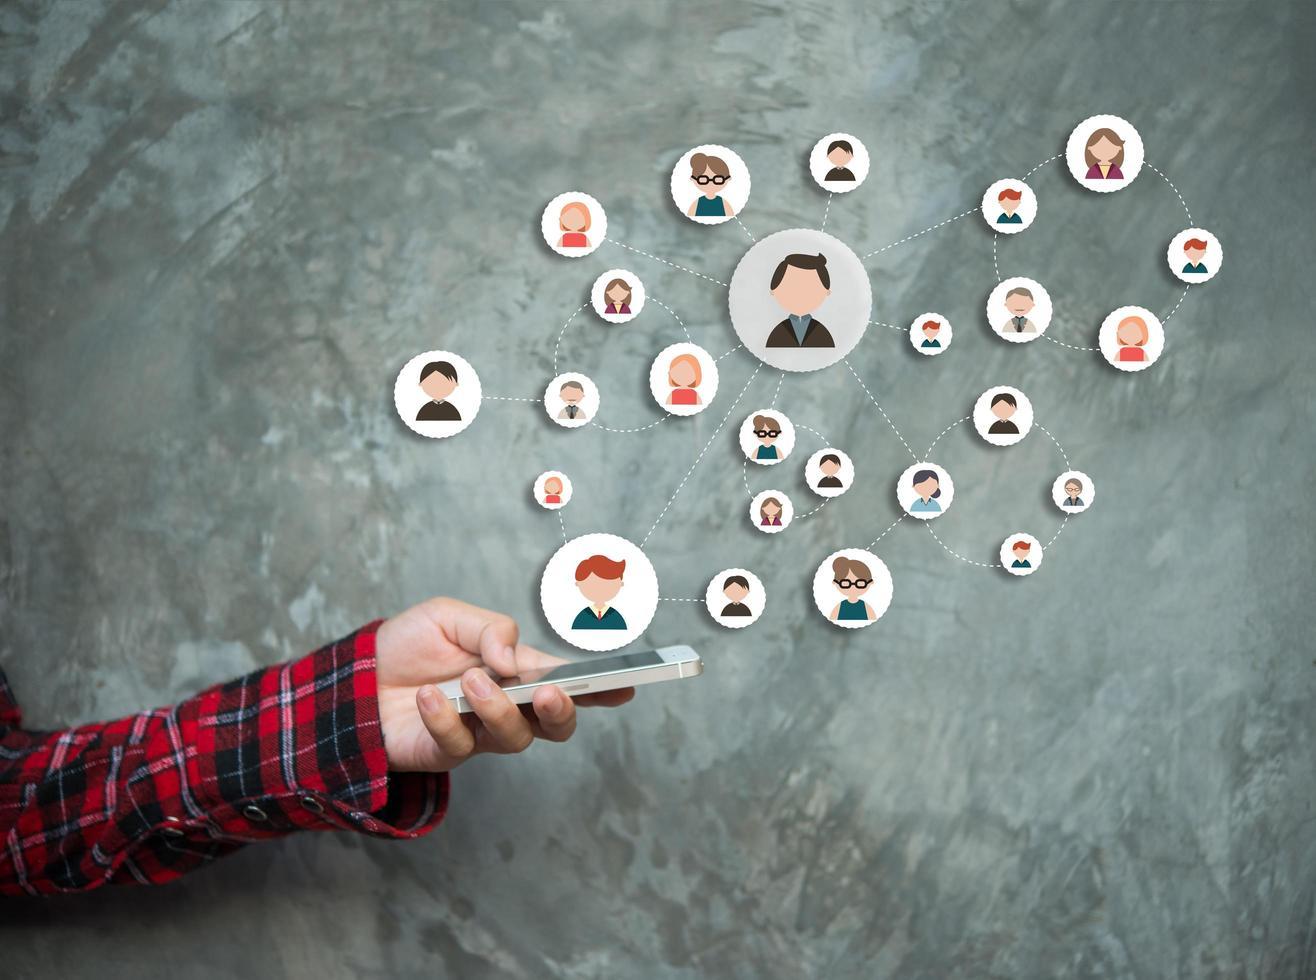 la main de la femme montre un réseau social photo